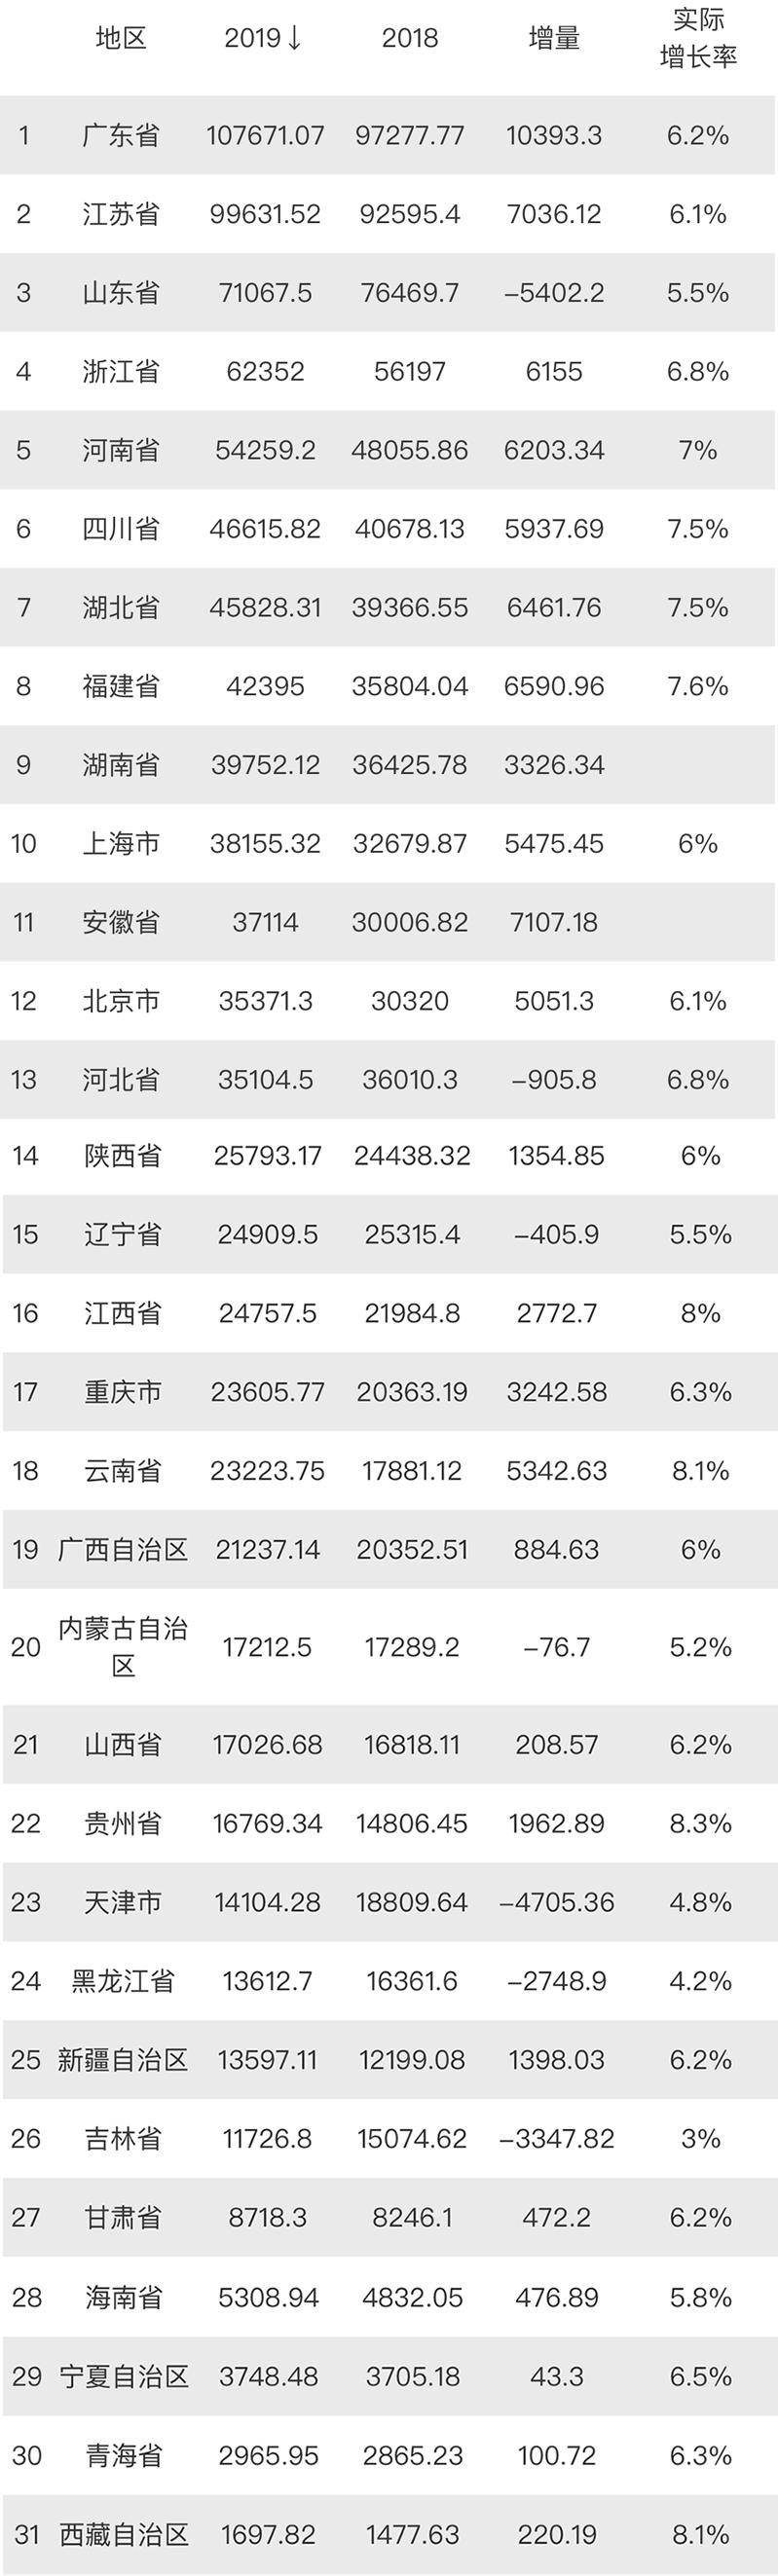 咸阳gdp_咸阳最吃香的区县,距铜川109公里,人口超30万,GDP近2500亿